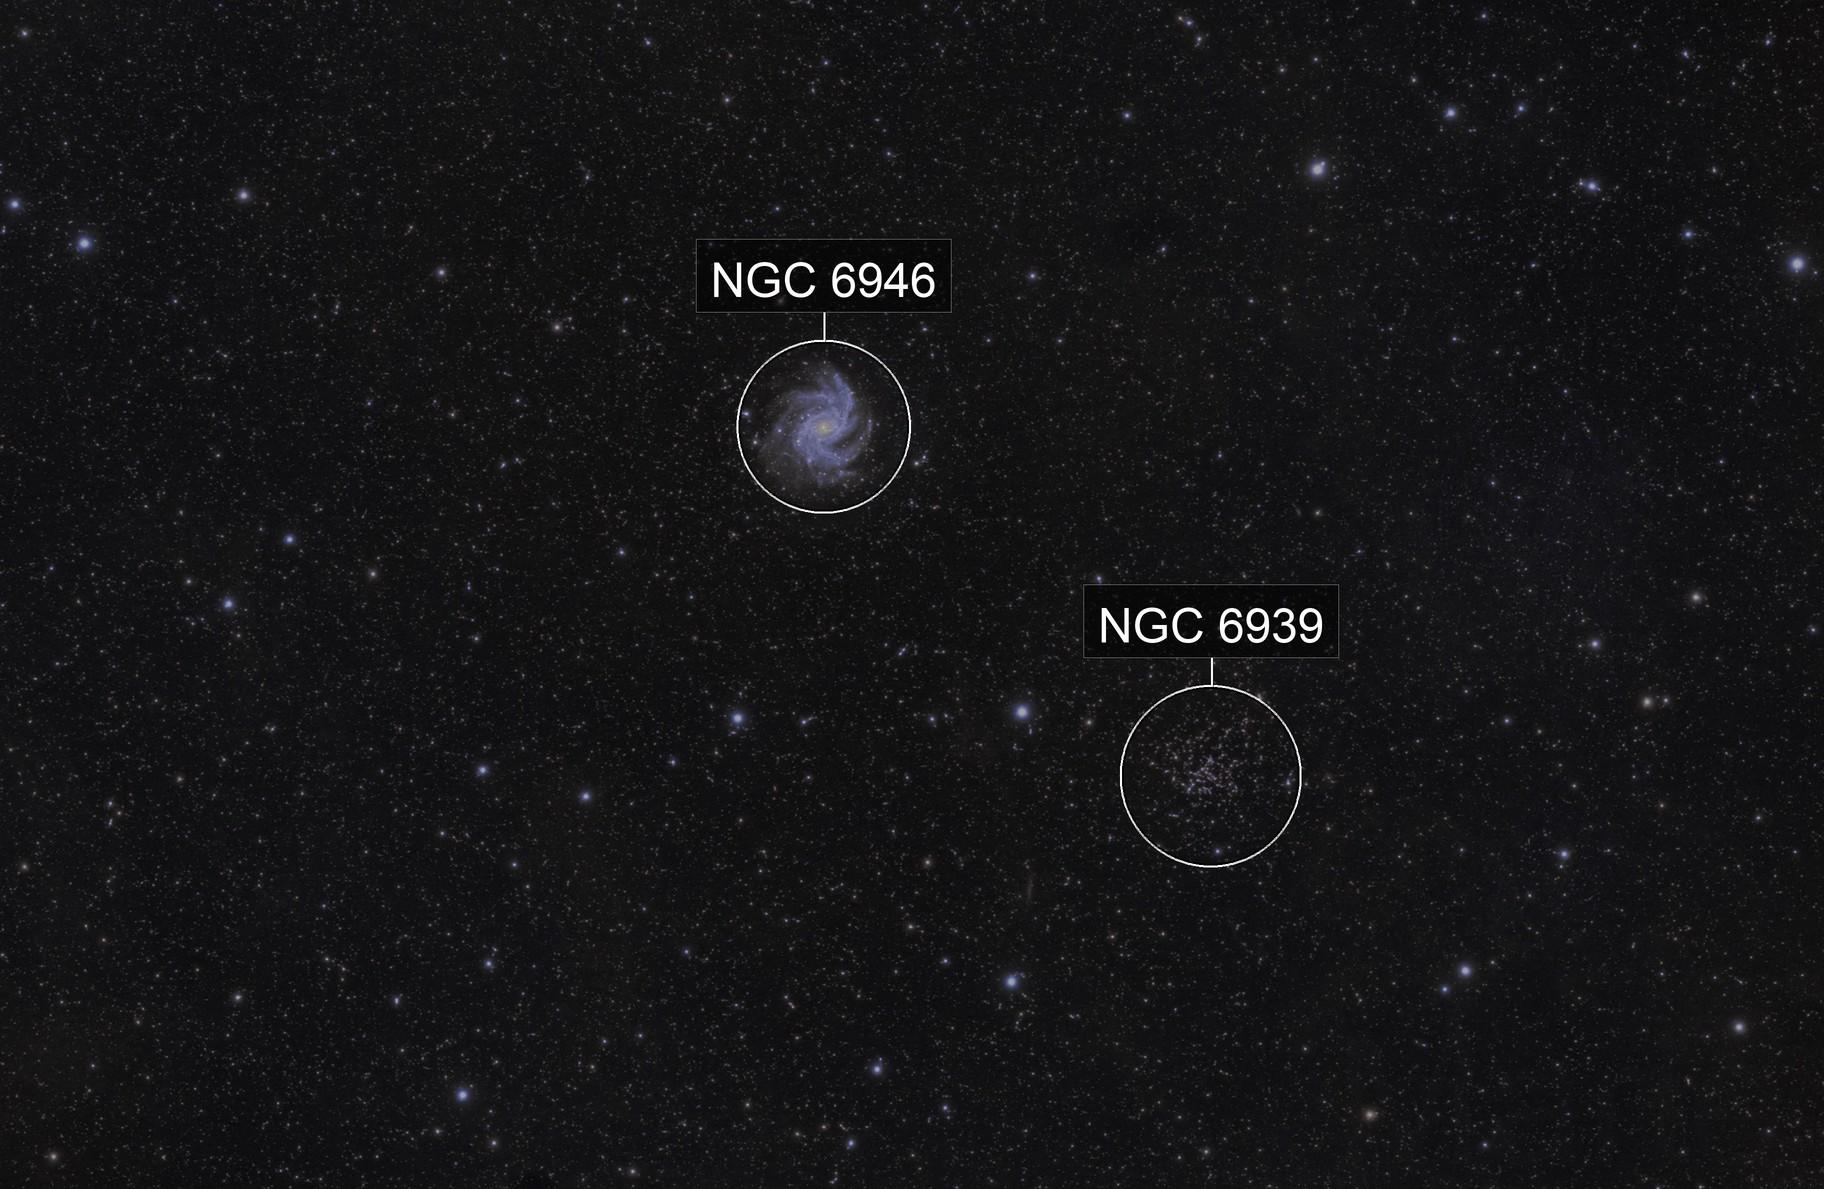 NGC 6939, NGC 6946